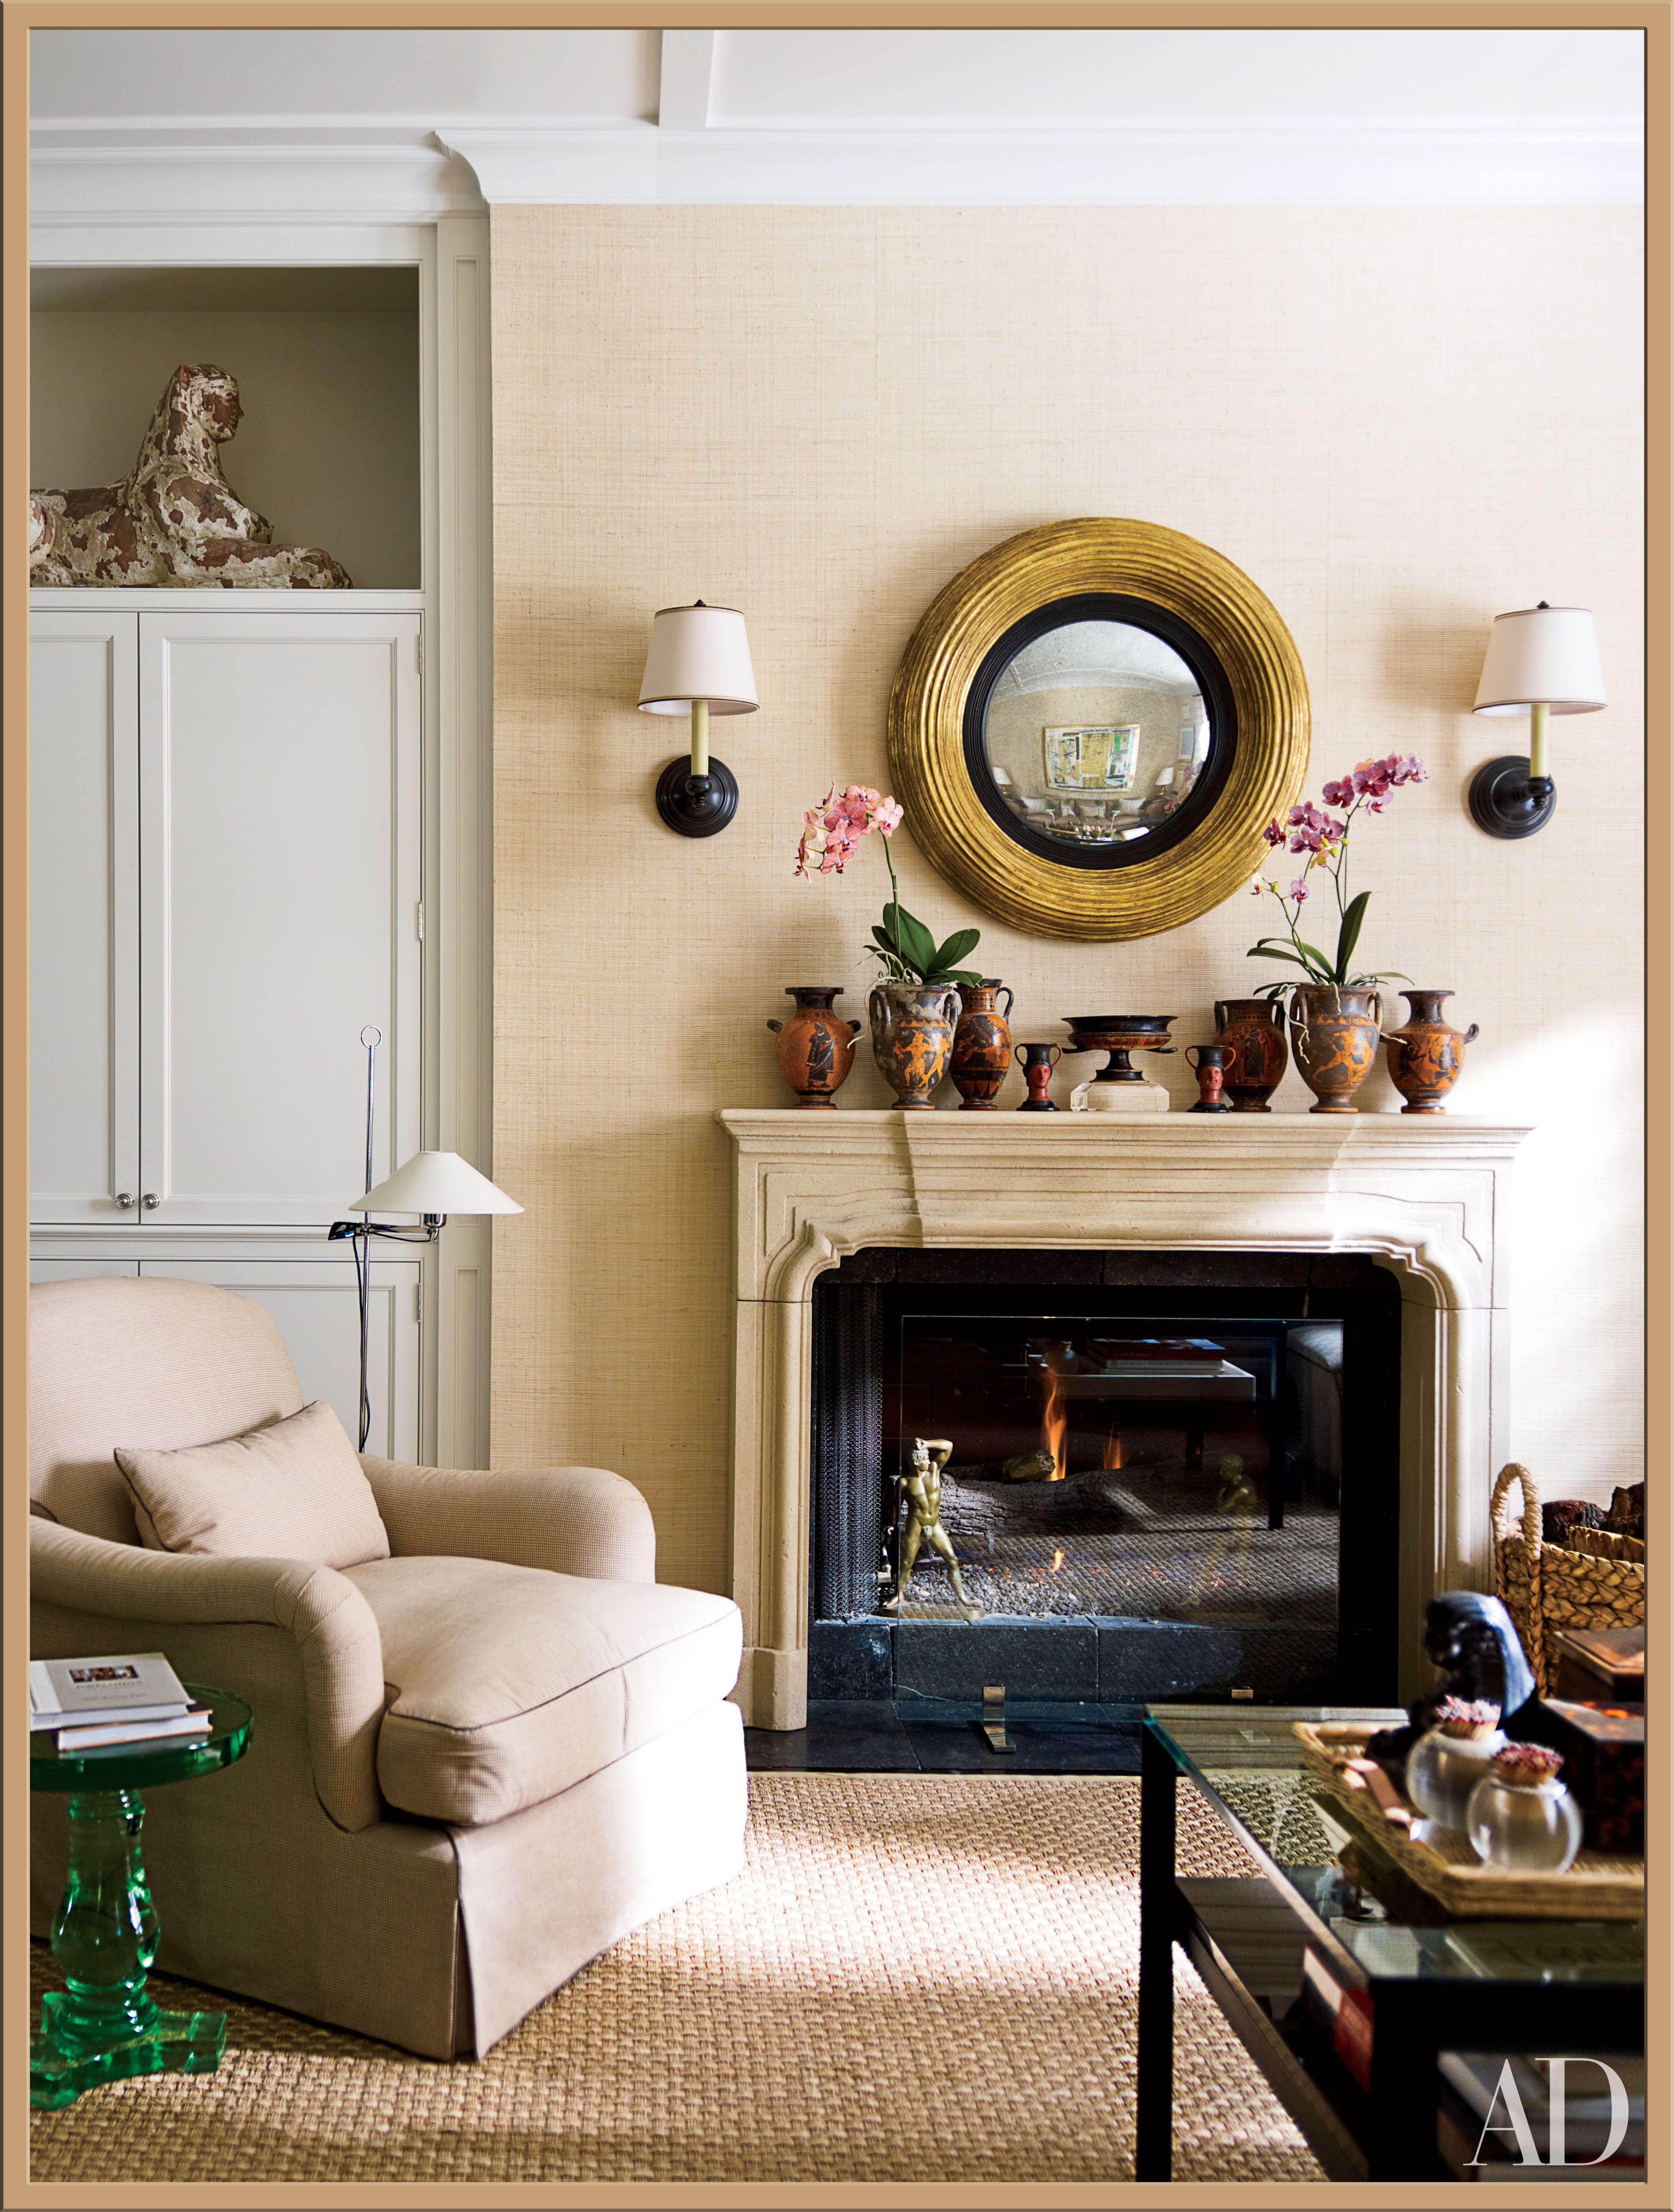 5 Romantic Interior Design Ideas